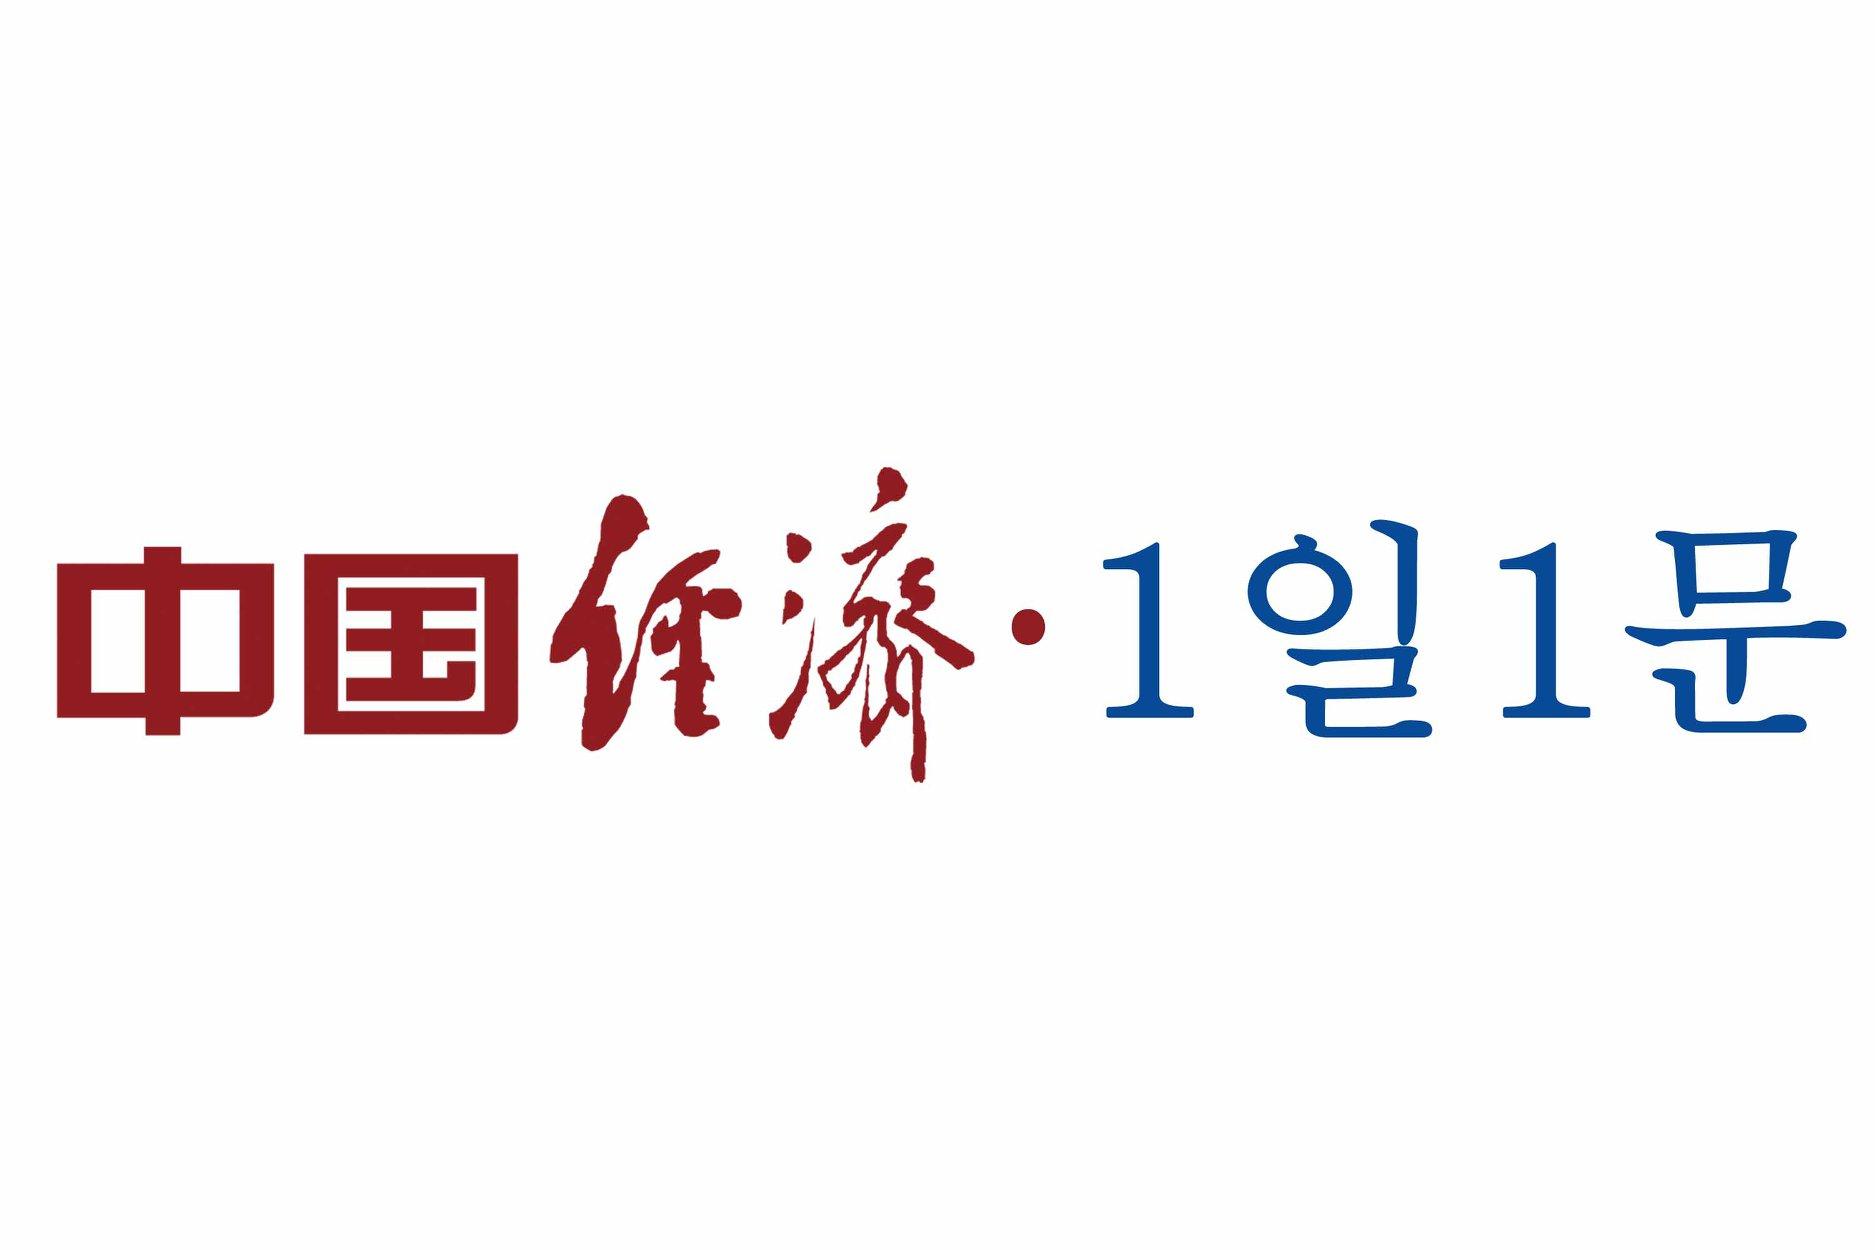 [중국경제 1일1문]제1회 중국국제수입박람회, 파키스탄 참가 업체에 무엇을 해줄 수 있나?